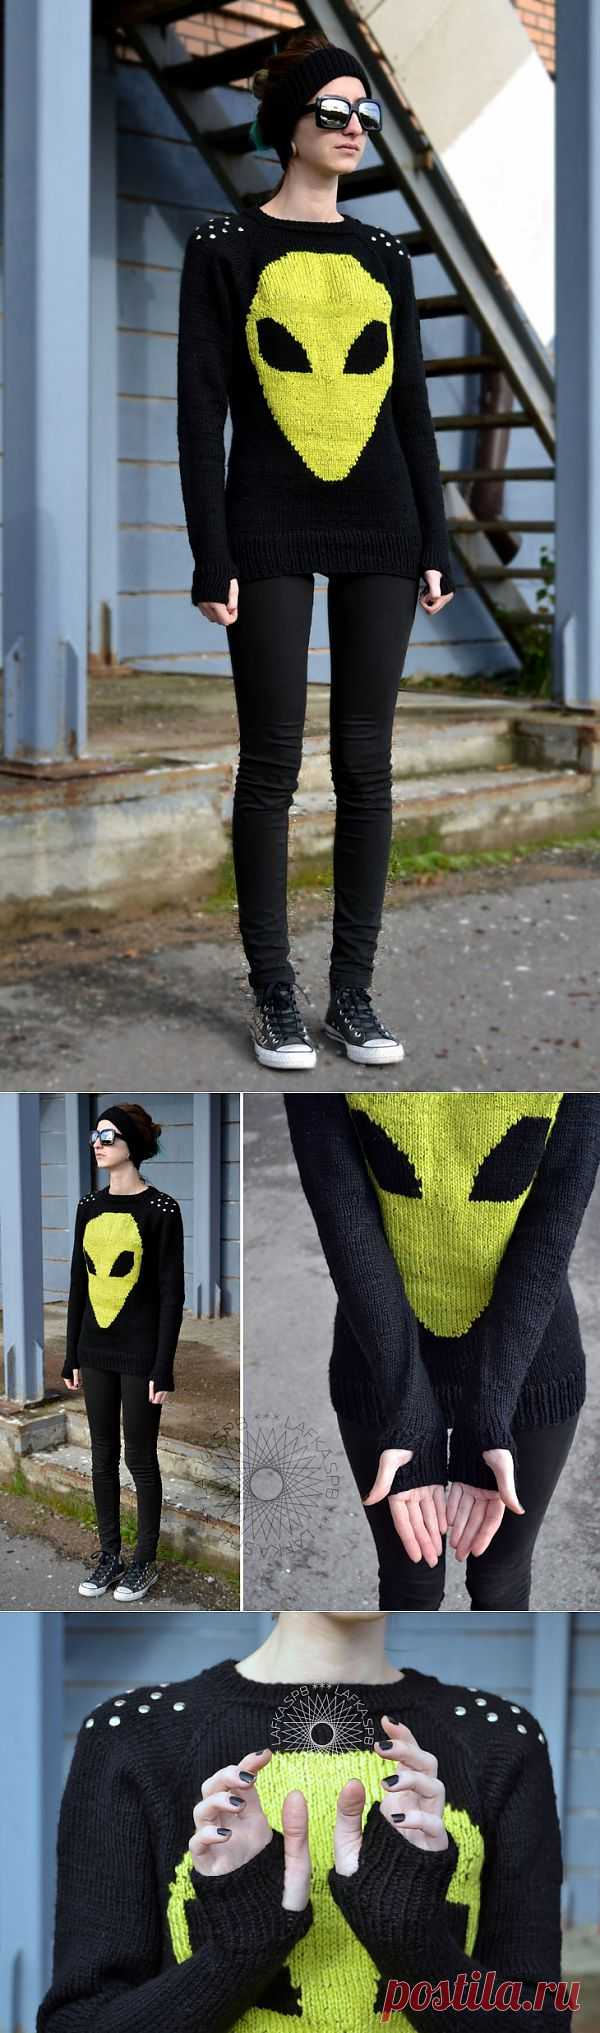 X-Files / Вязание / Модный сайт о стильной переделке одежды и интерьера